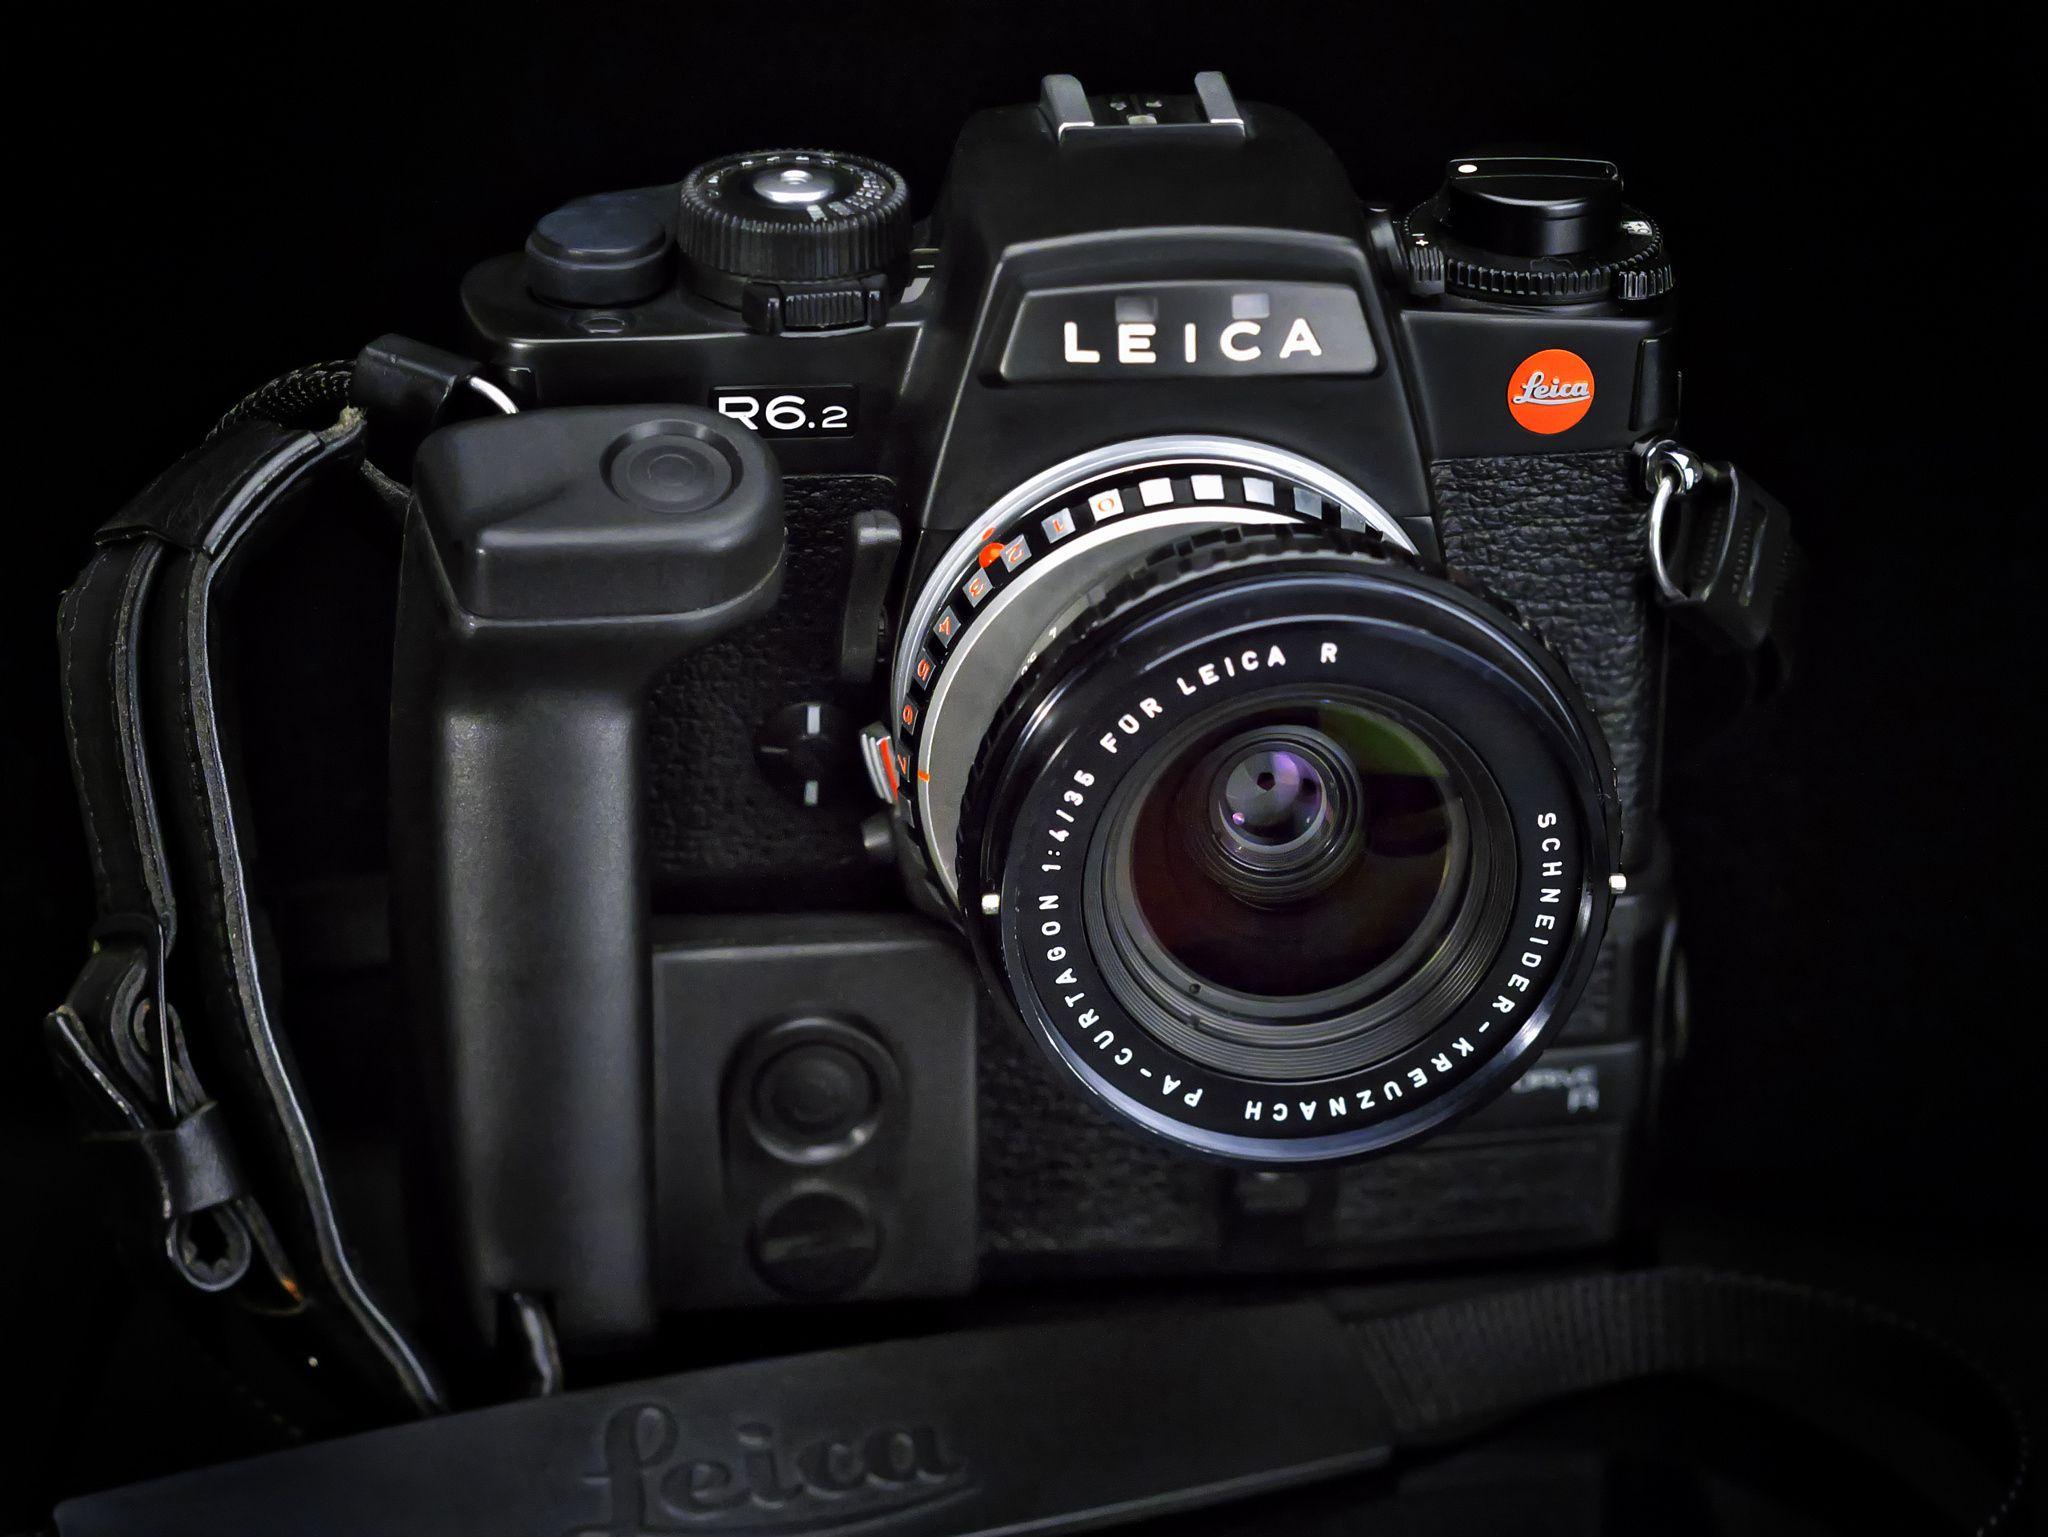 том, какие фотокамеры лучше лейка или никон изготавливают разных материалов